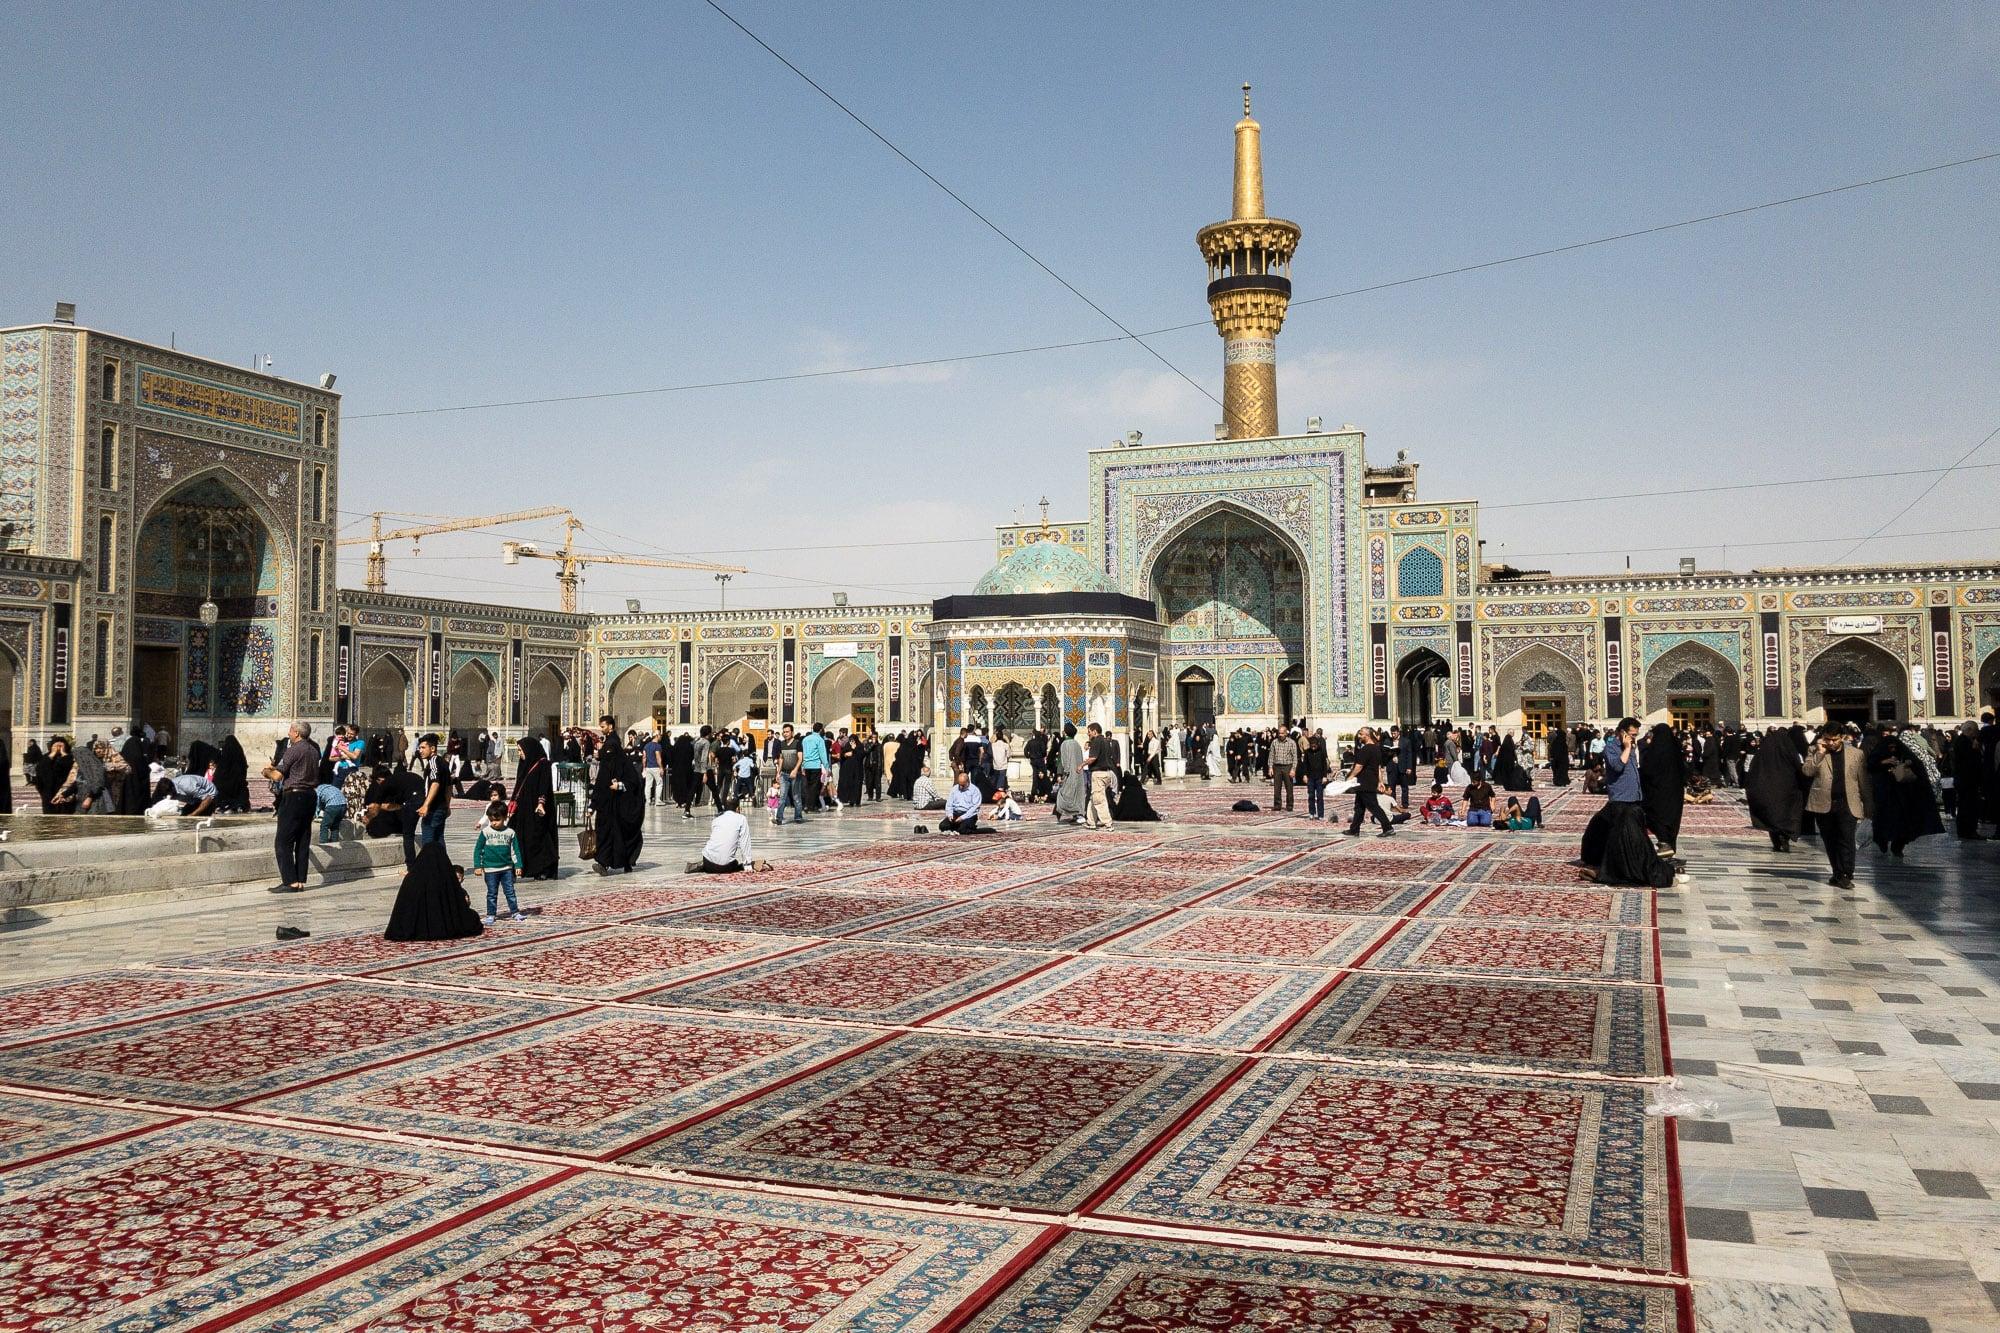 square in the shrine of Imam Reza